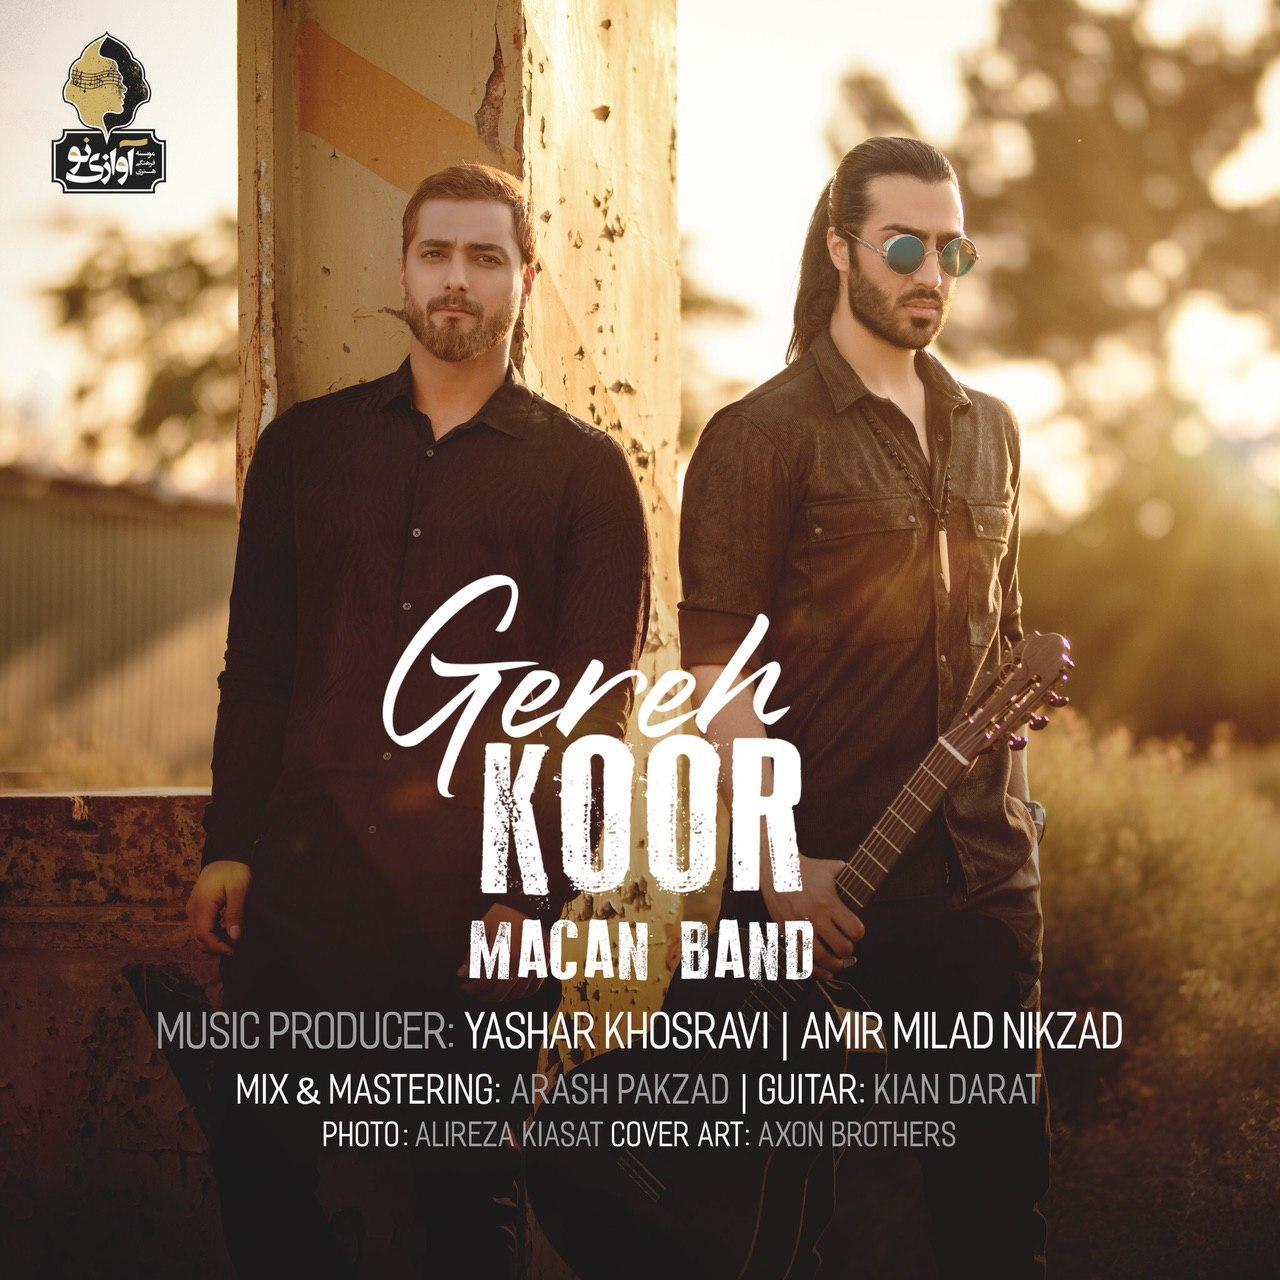 Macan Band - Gereh Koor